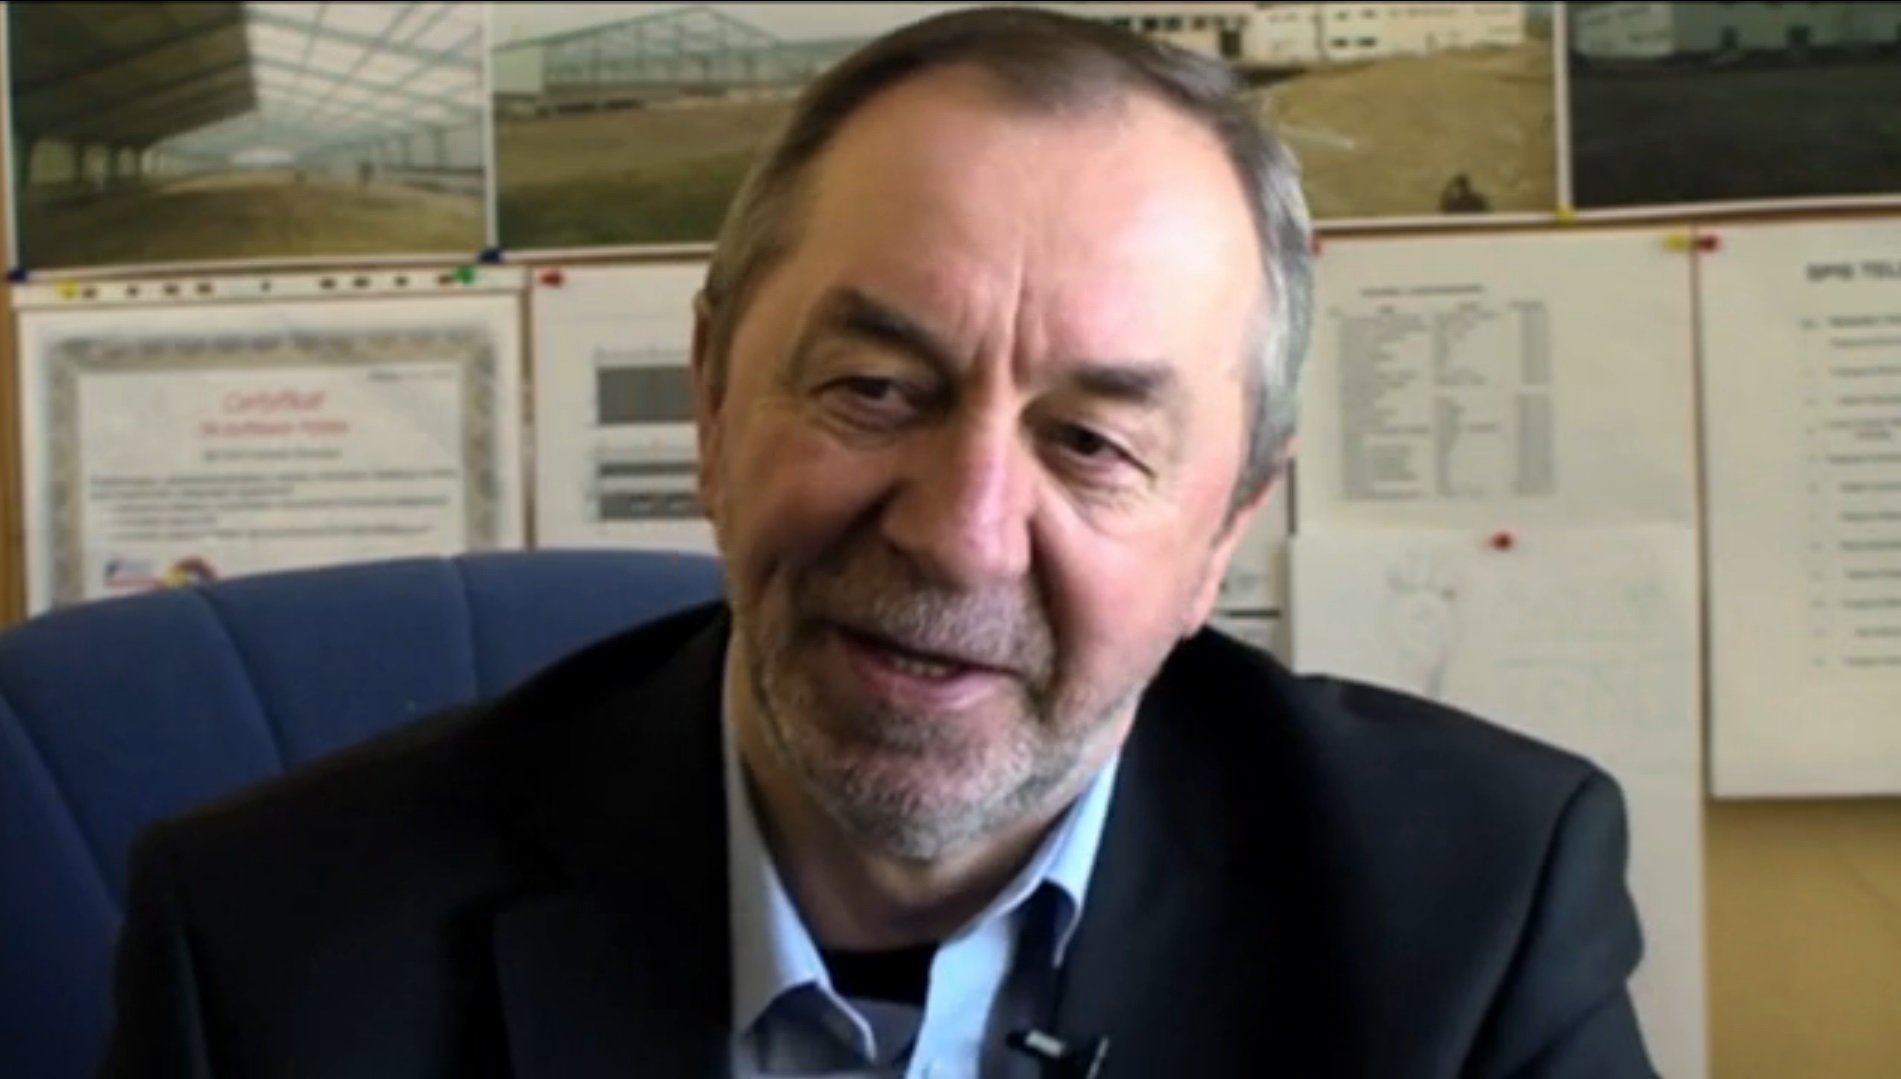 Zbigniew Borucki